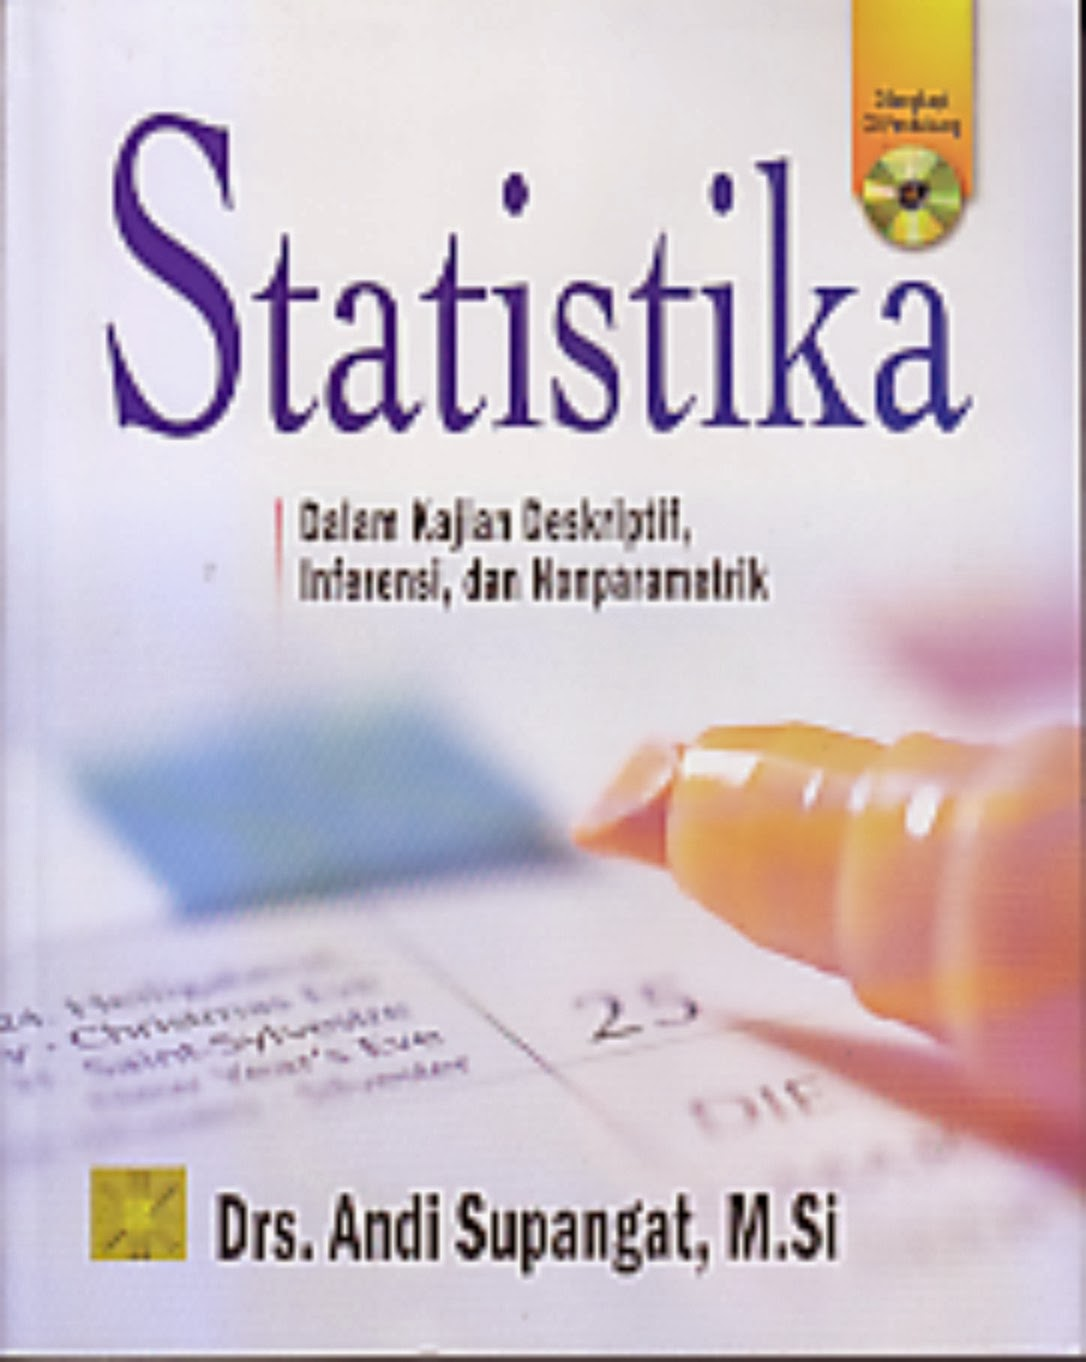 Uji perbandingan meliputi uji 2 sampel berkorelasi, uji 2 sampel tidak berkorelasi dan analisis ragam serta uji asumsi normalitas dan homogenitas. Toko Buku Rahma Statistika Dalam Kajian Deskriptif Inferensi Dan Nonparametrik